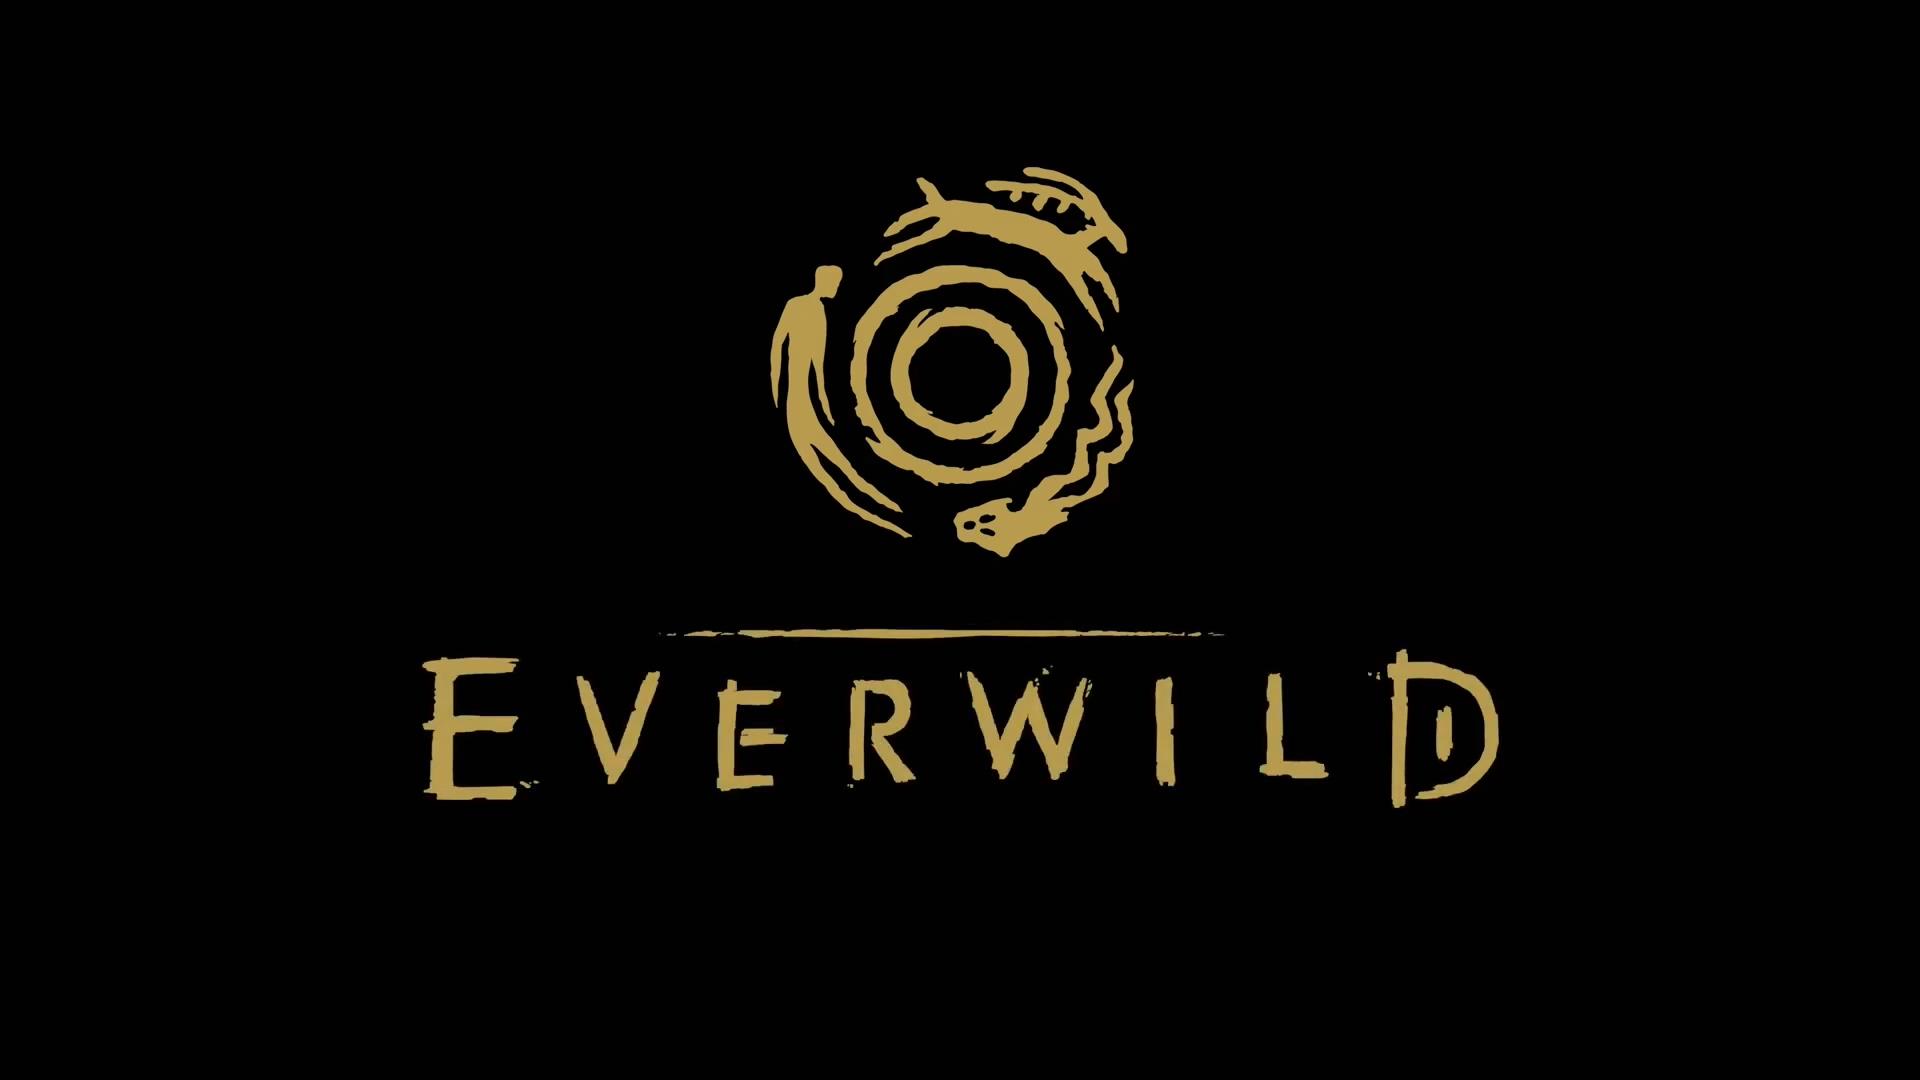 瑰丽魔法世界 Rare冒险新游《Everwild》正式发布